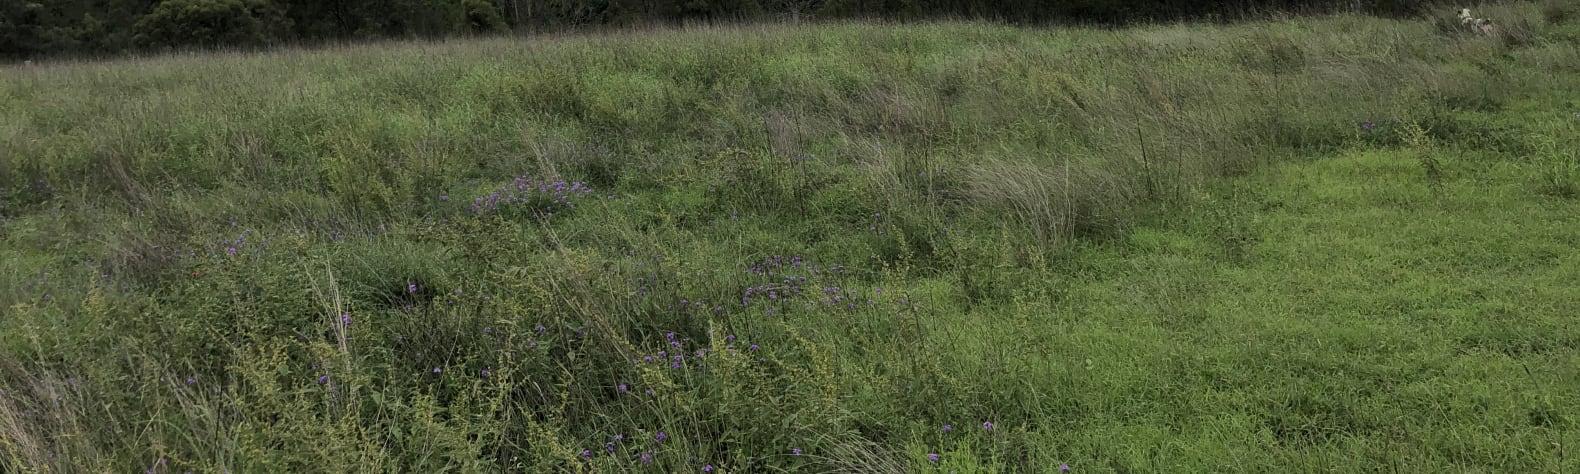 Cindy P.'s Land